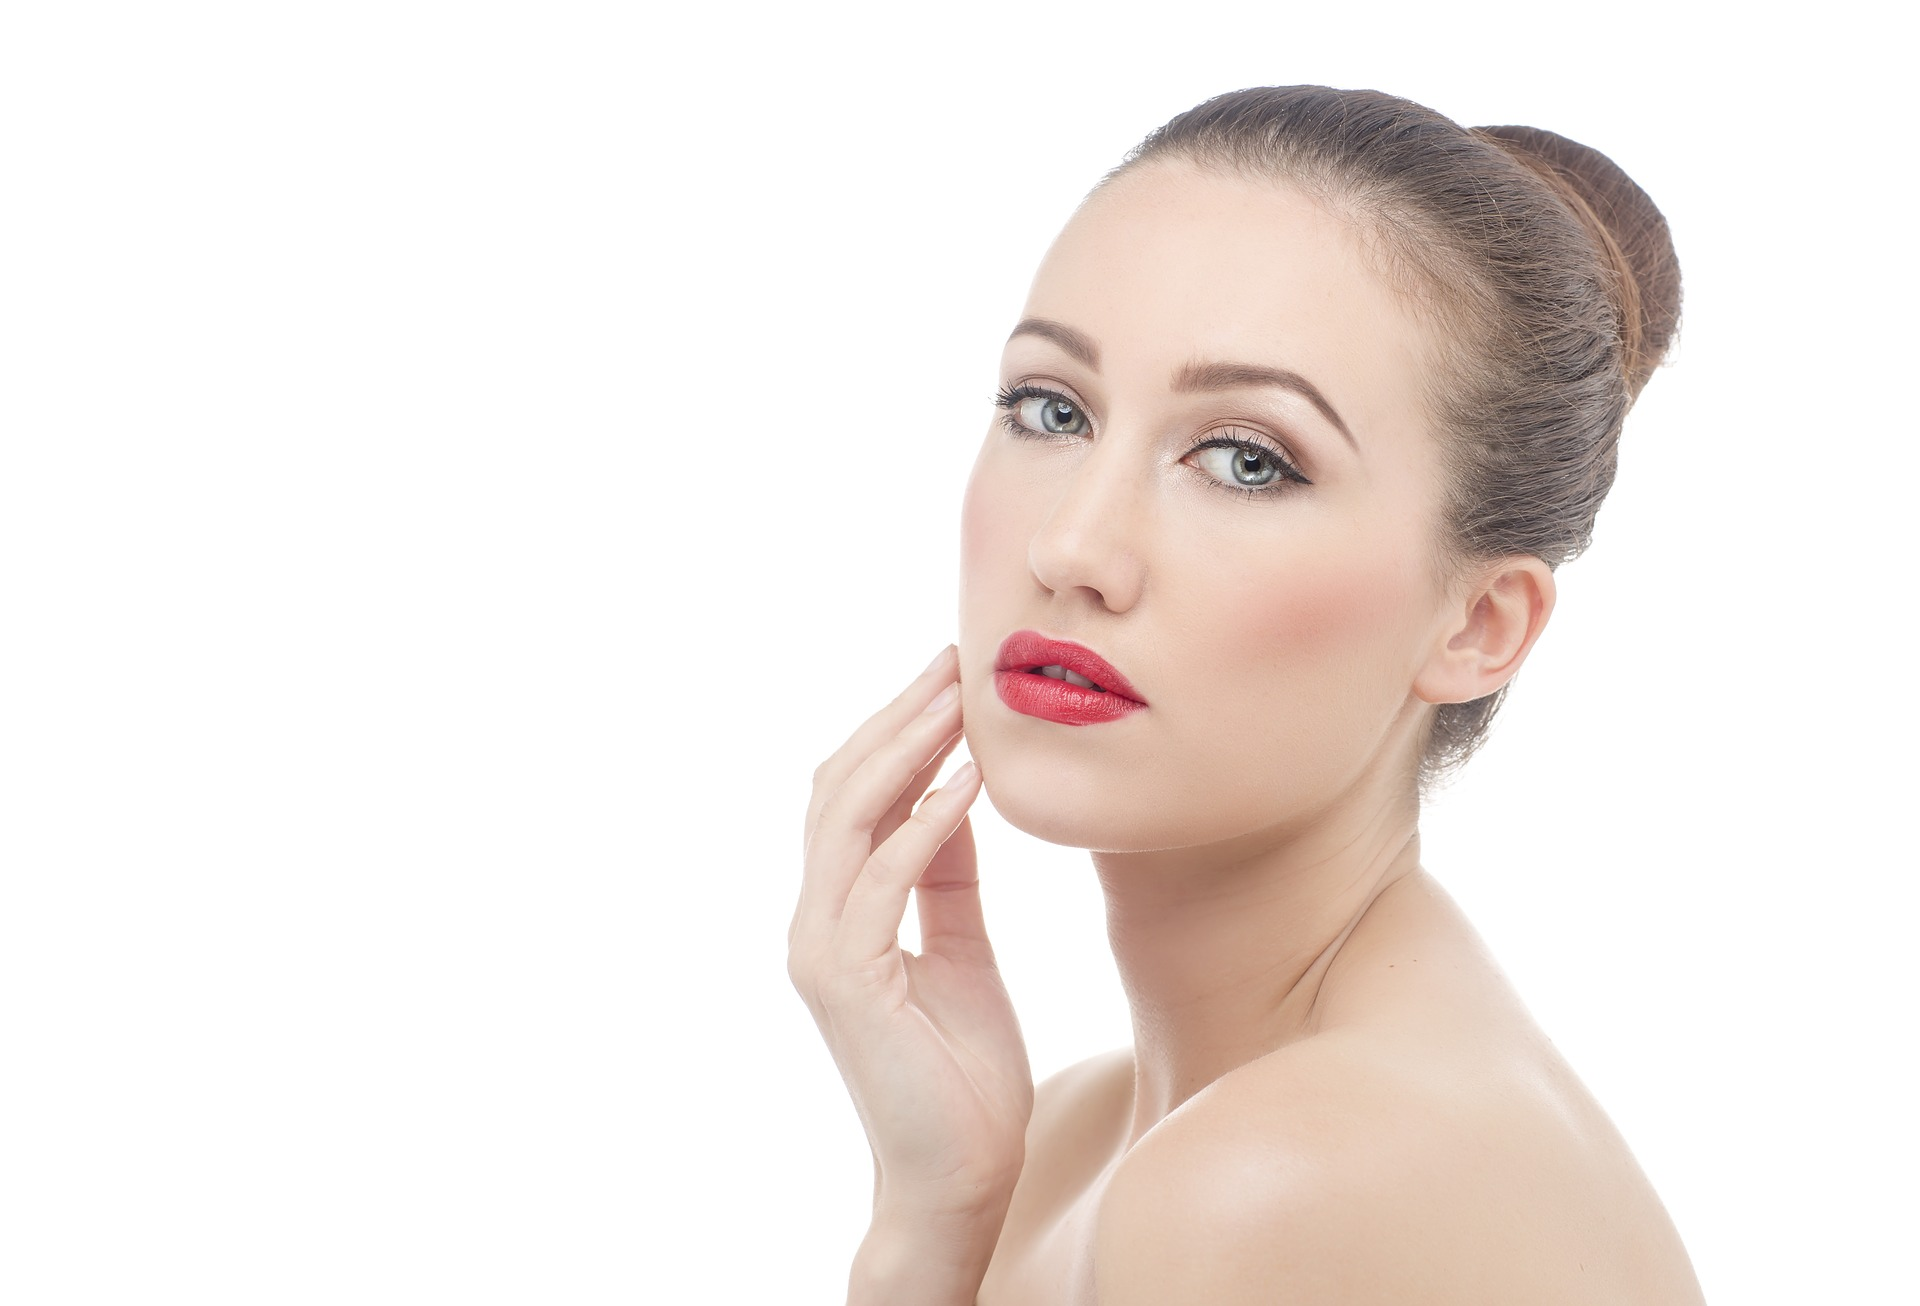 Як позбутися від зморшок на обличчі